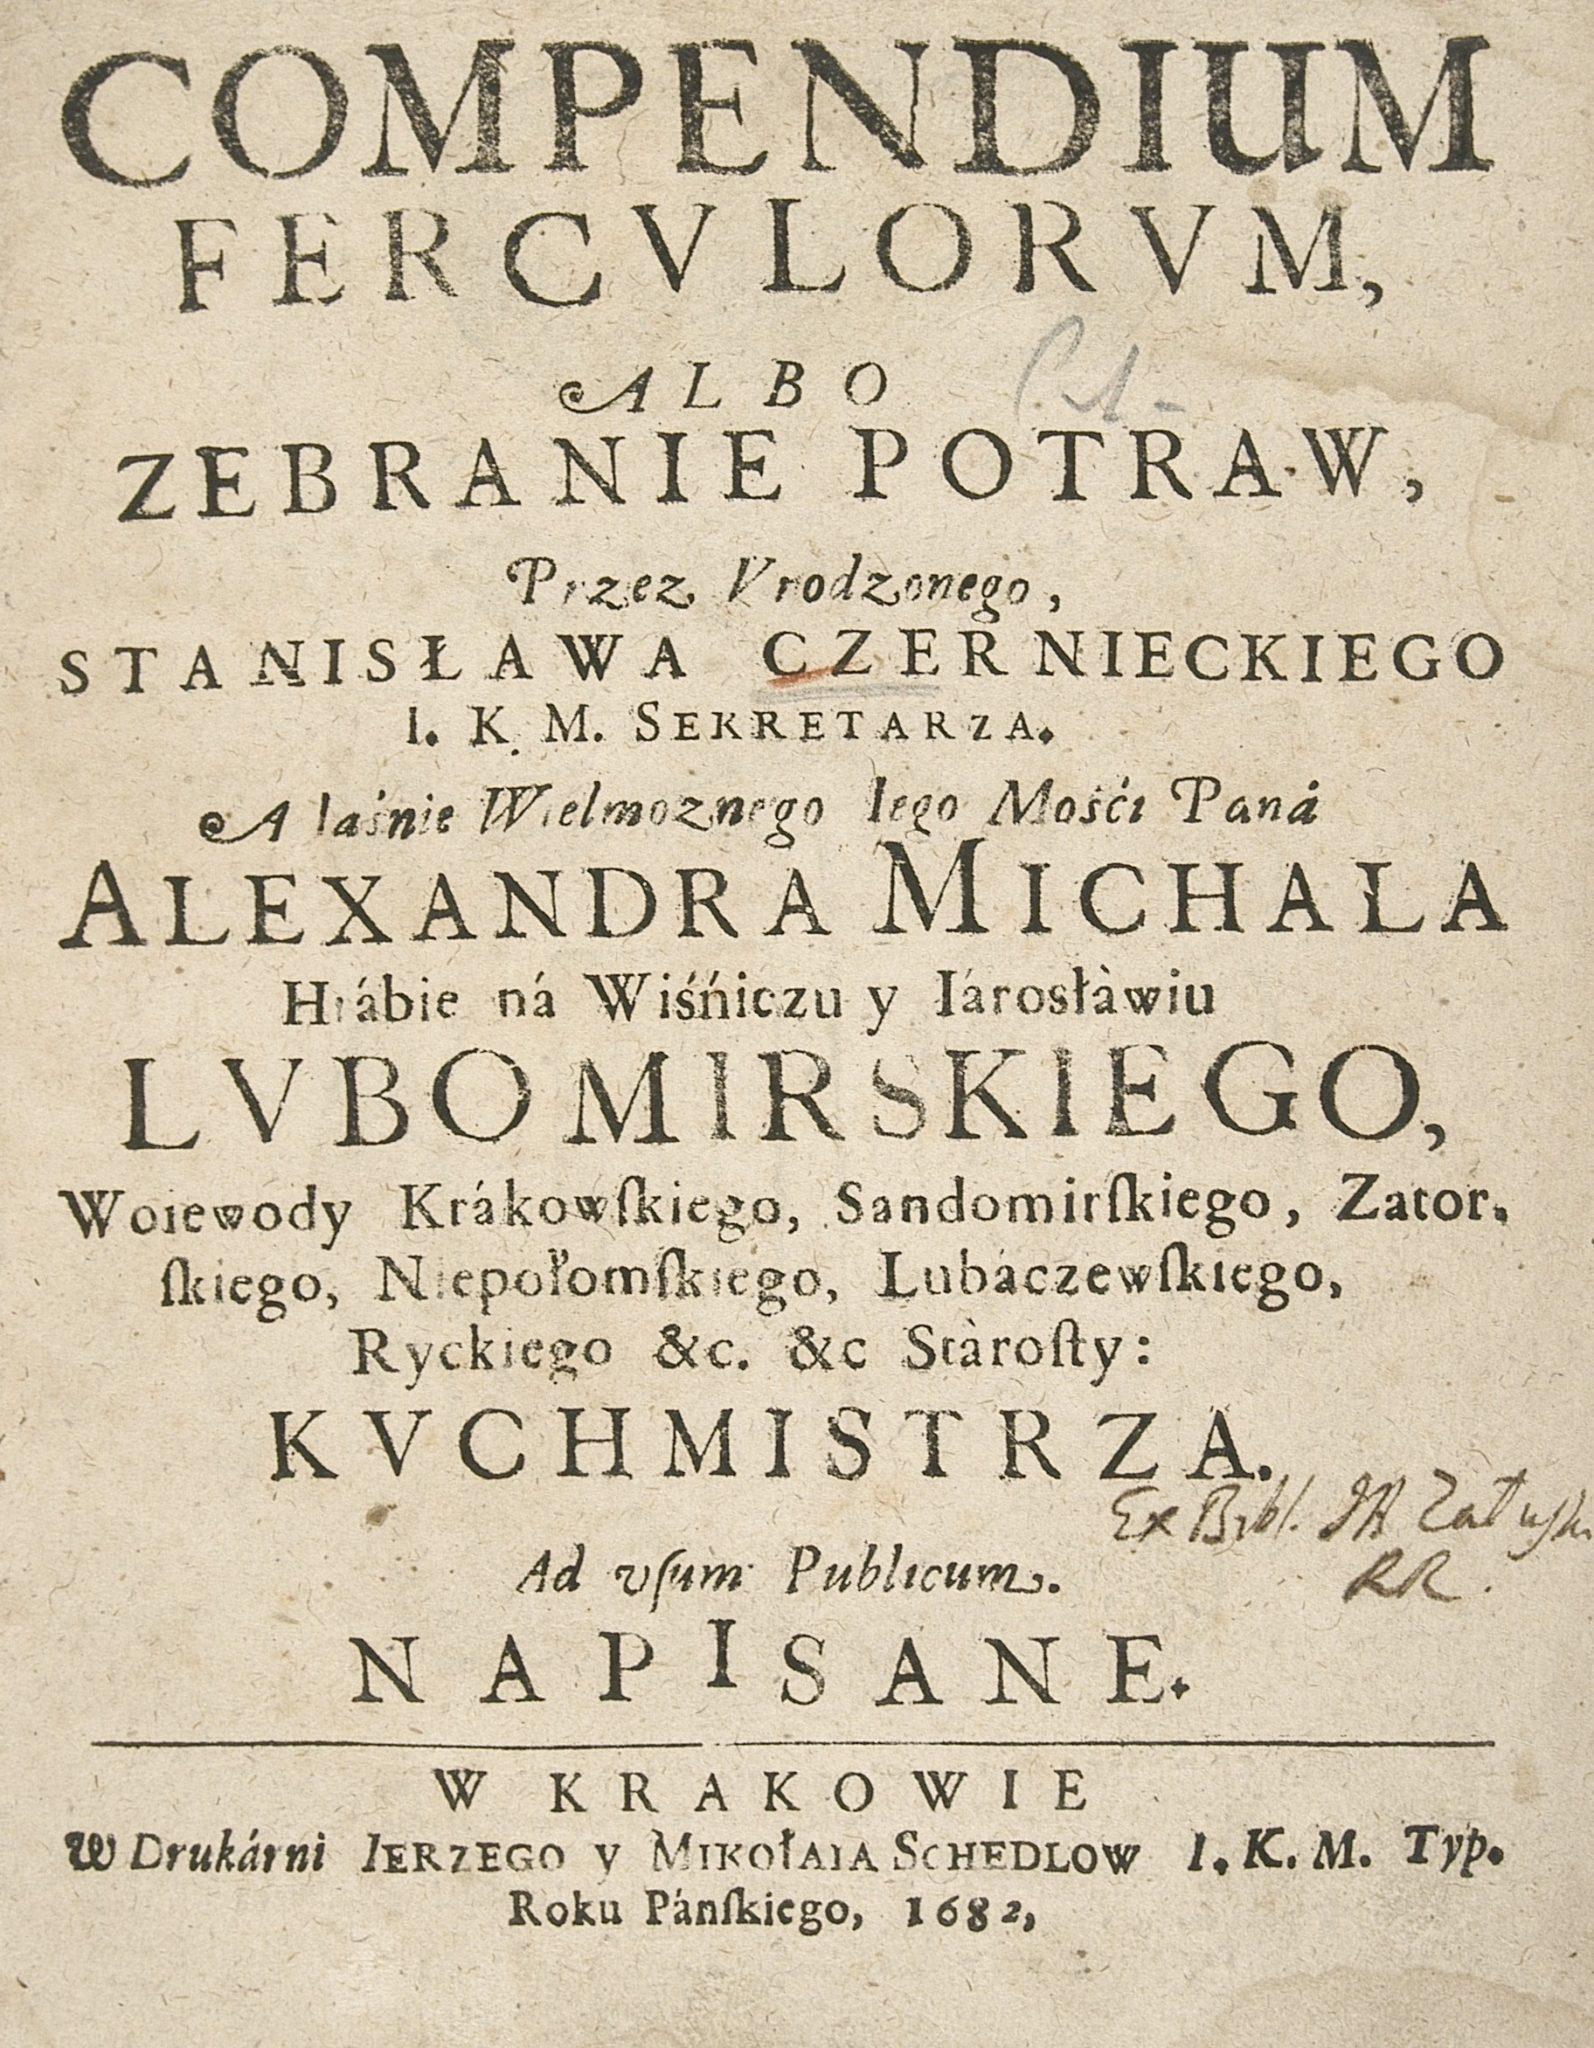 Compendium_ferculorum (1)